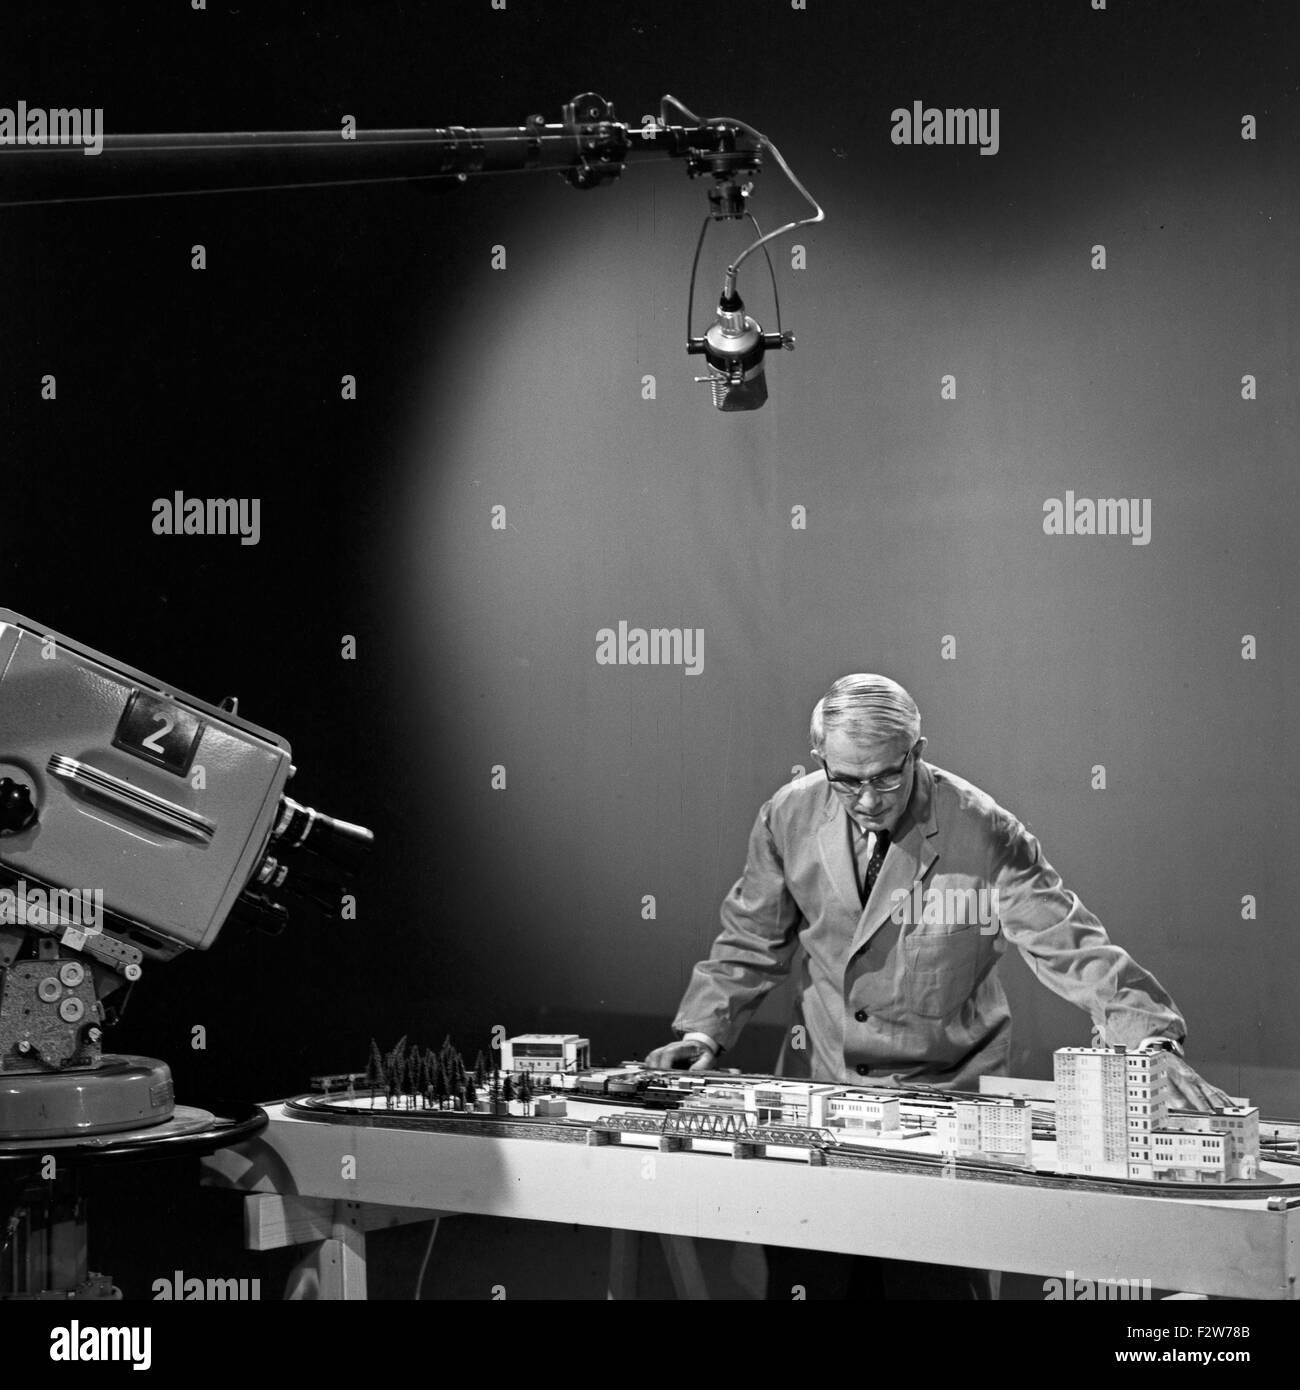 Friedrich Karl Ries Spricht in Seiner Bastelsendung Über Das Thema Modelleisenbahn, 1960er Jahre Deutschland. Friedrich Karl Ries in seiner TV-show über Modelleisenbahnen, Deutschland der 1960er Jahre. Stockfoto